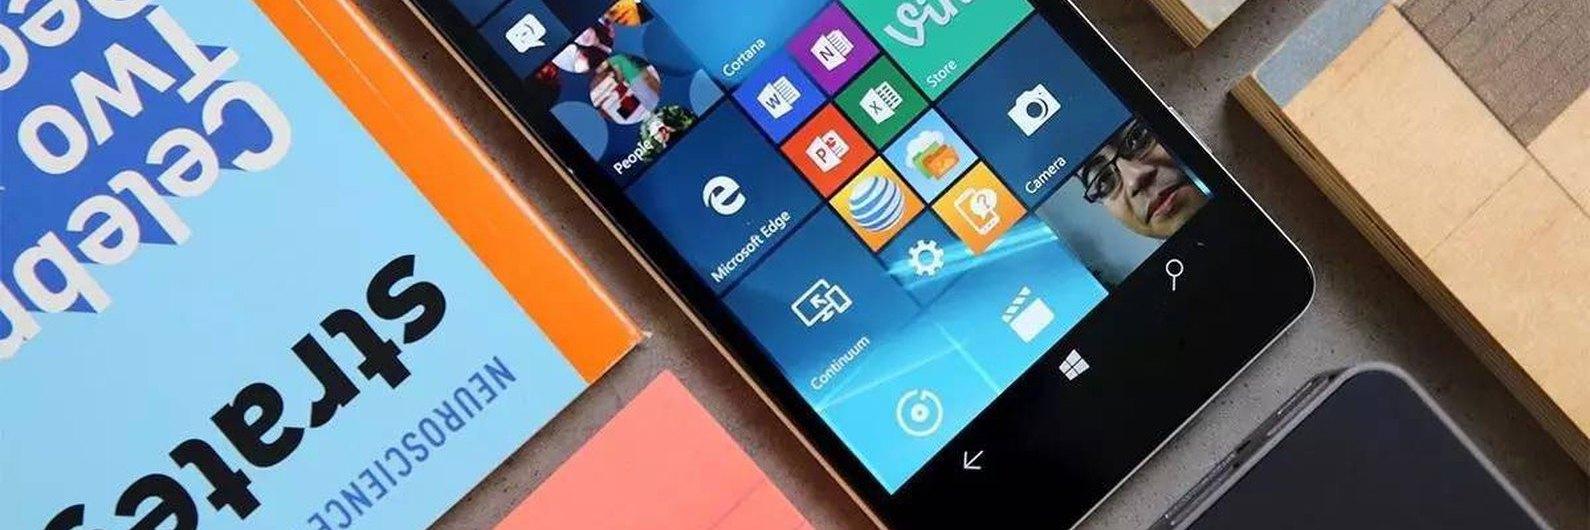 Conheça 5 alternativas ao Edge no Windows 10 Mobile